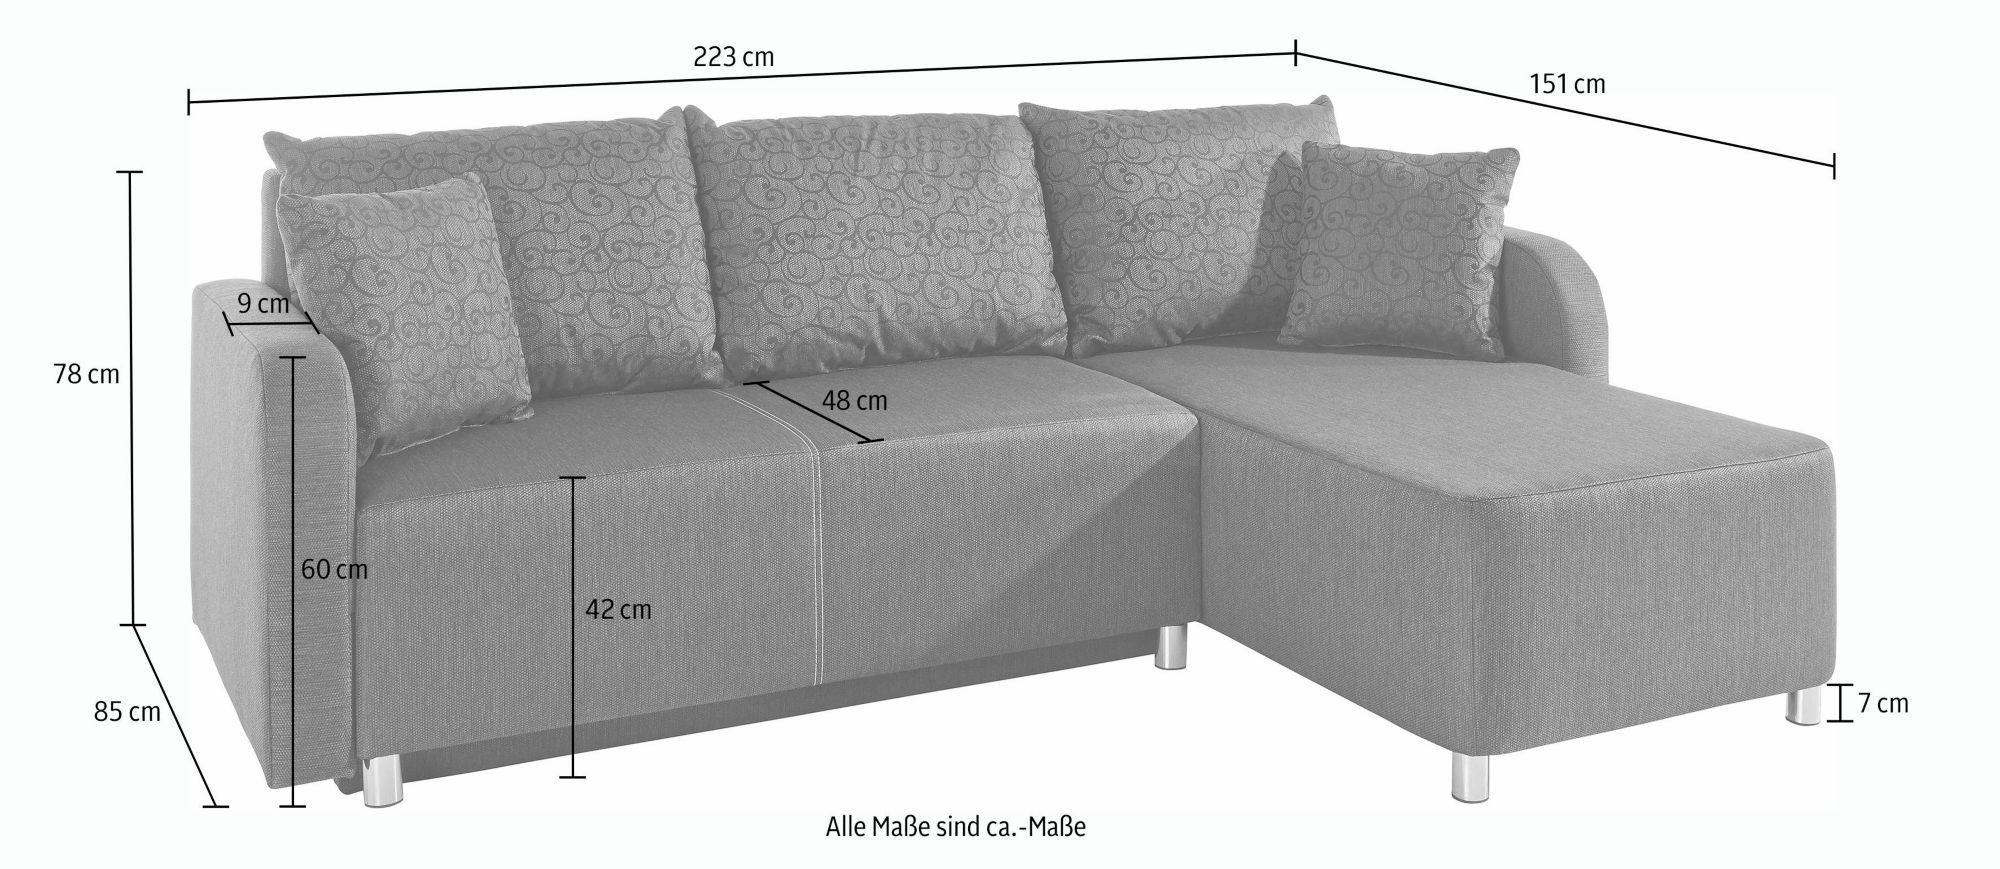 polsterecke bettfunktion g nstig online kaufen beim schwab. Black Bedroom Furniture Sets. Home Design Ideas